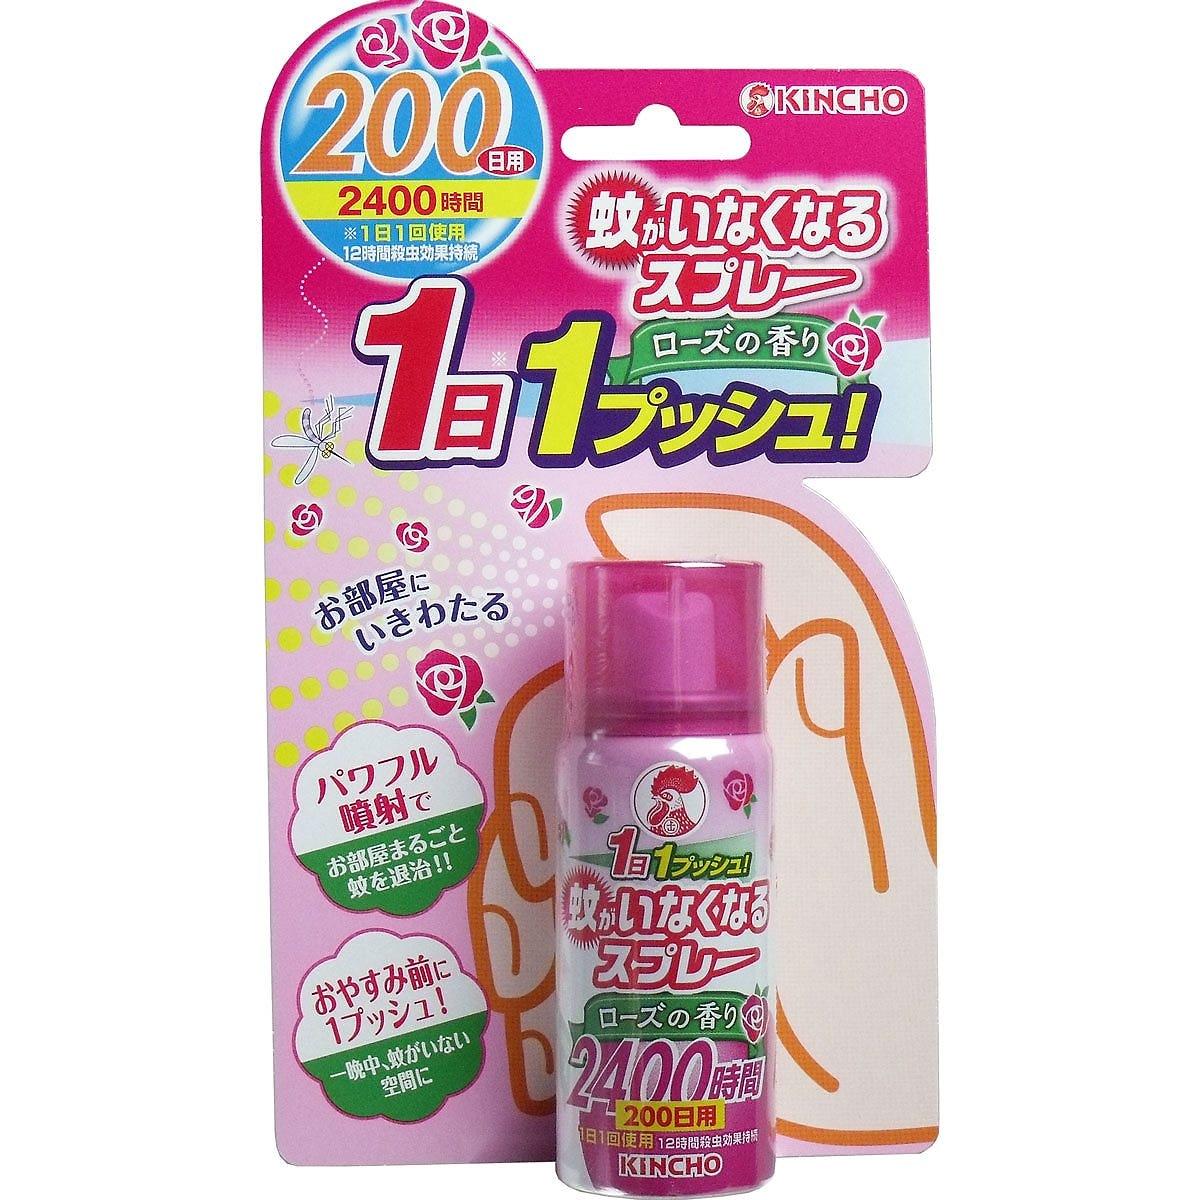 蚊がいなくなるスプレー 200日 ローズの香り 45ml